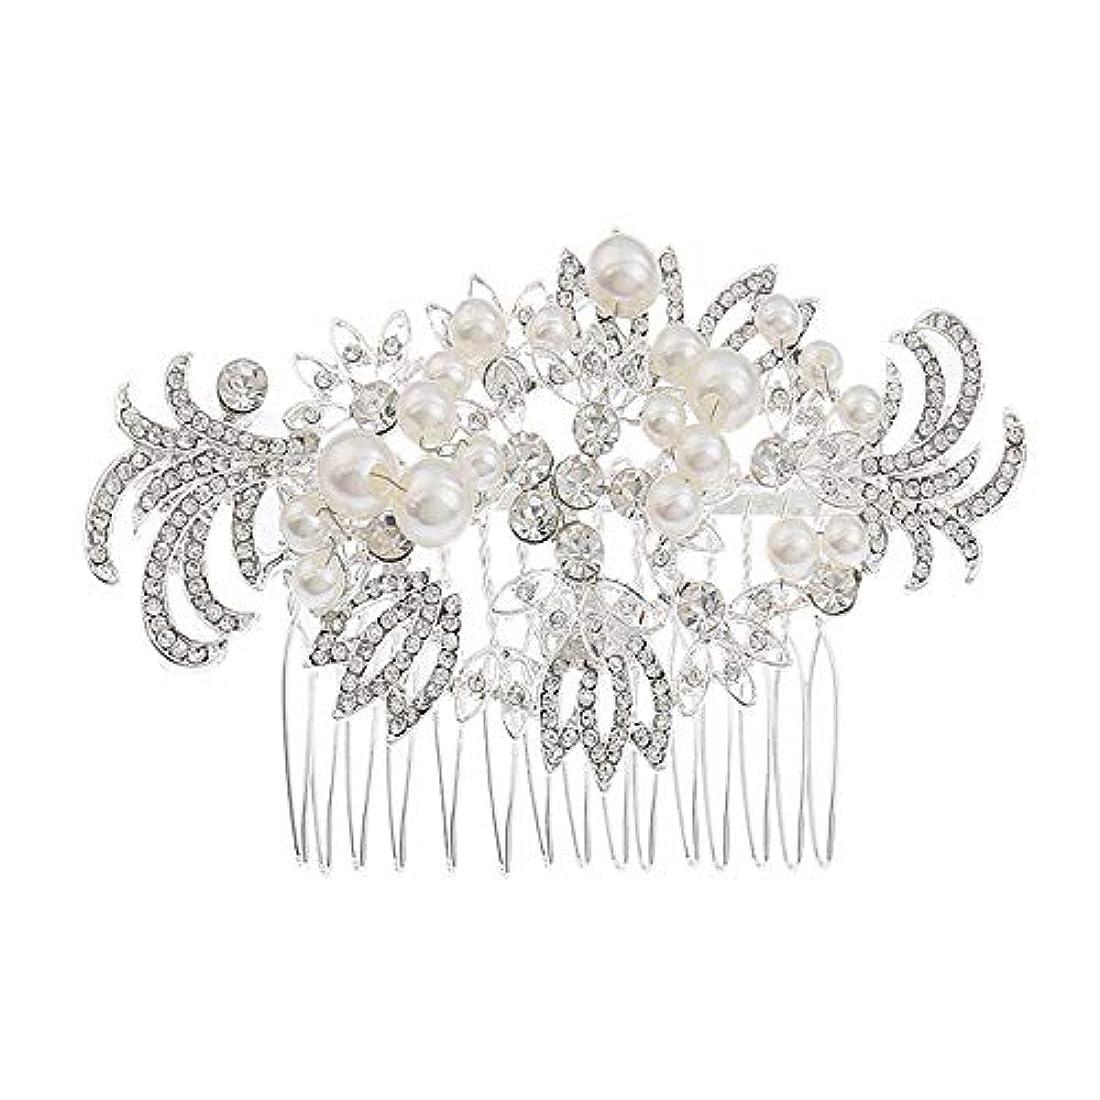 男性ドラフト登場髪の櫛挿入櫛花嫁の髪櫛真珠の髪の櫛ラインストーンの髪の櫛結婚式のヘアアクセサリー合金の帽子ブライダルヘッドドレス